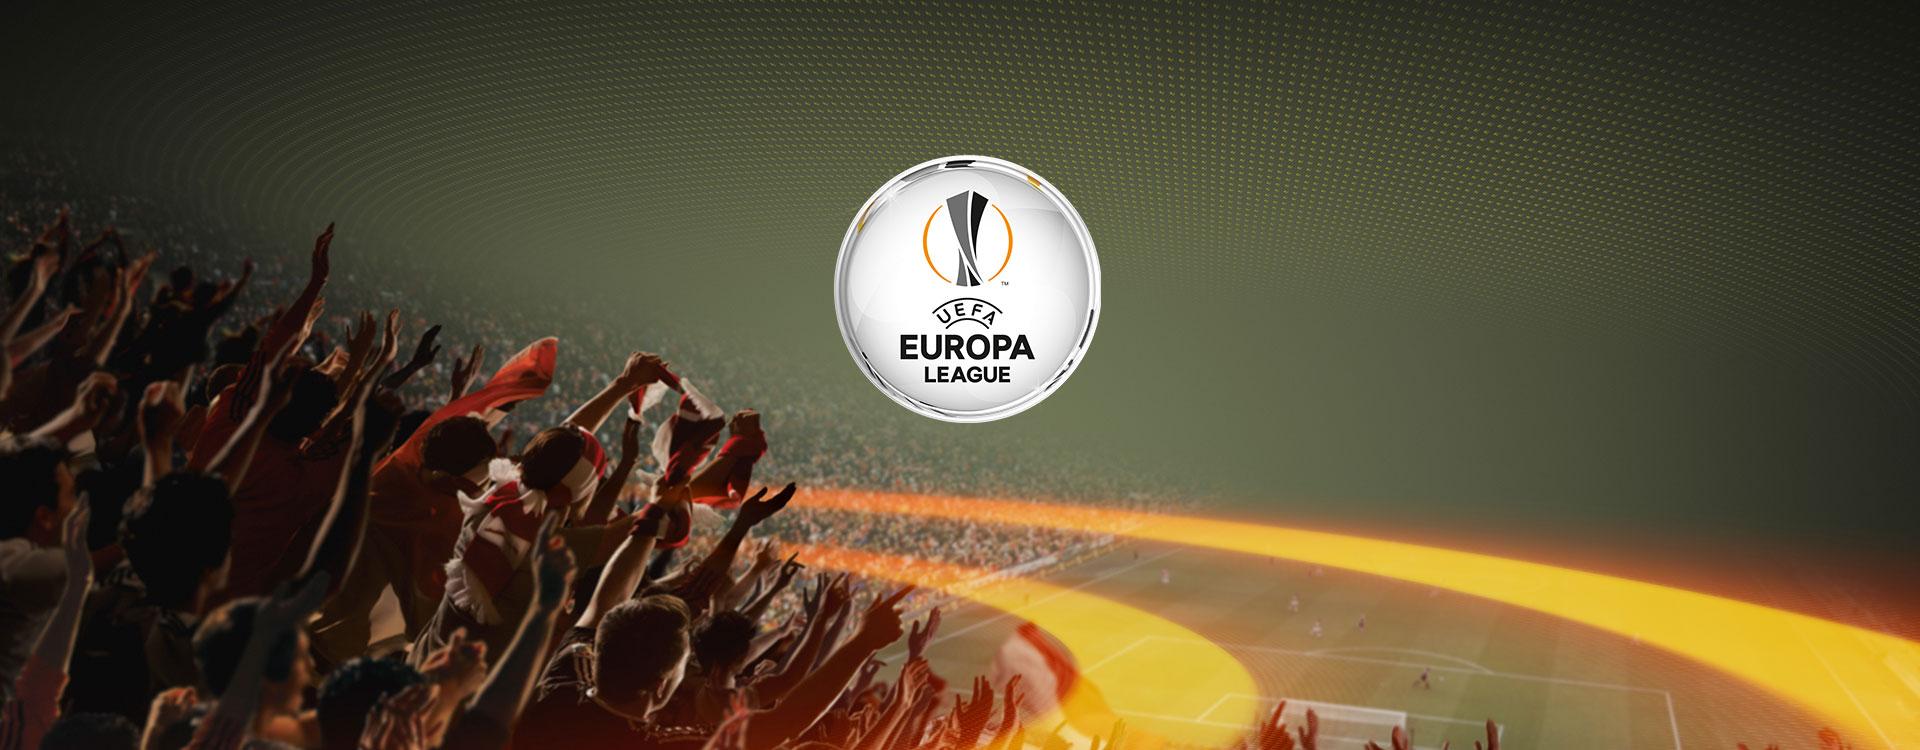 Europa League, Ottavi Andata - diretta esclusiva con i telecronisti Sky Sport HD (e su TV8)